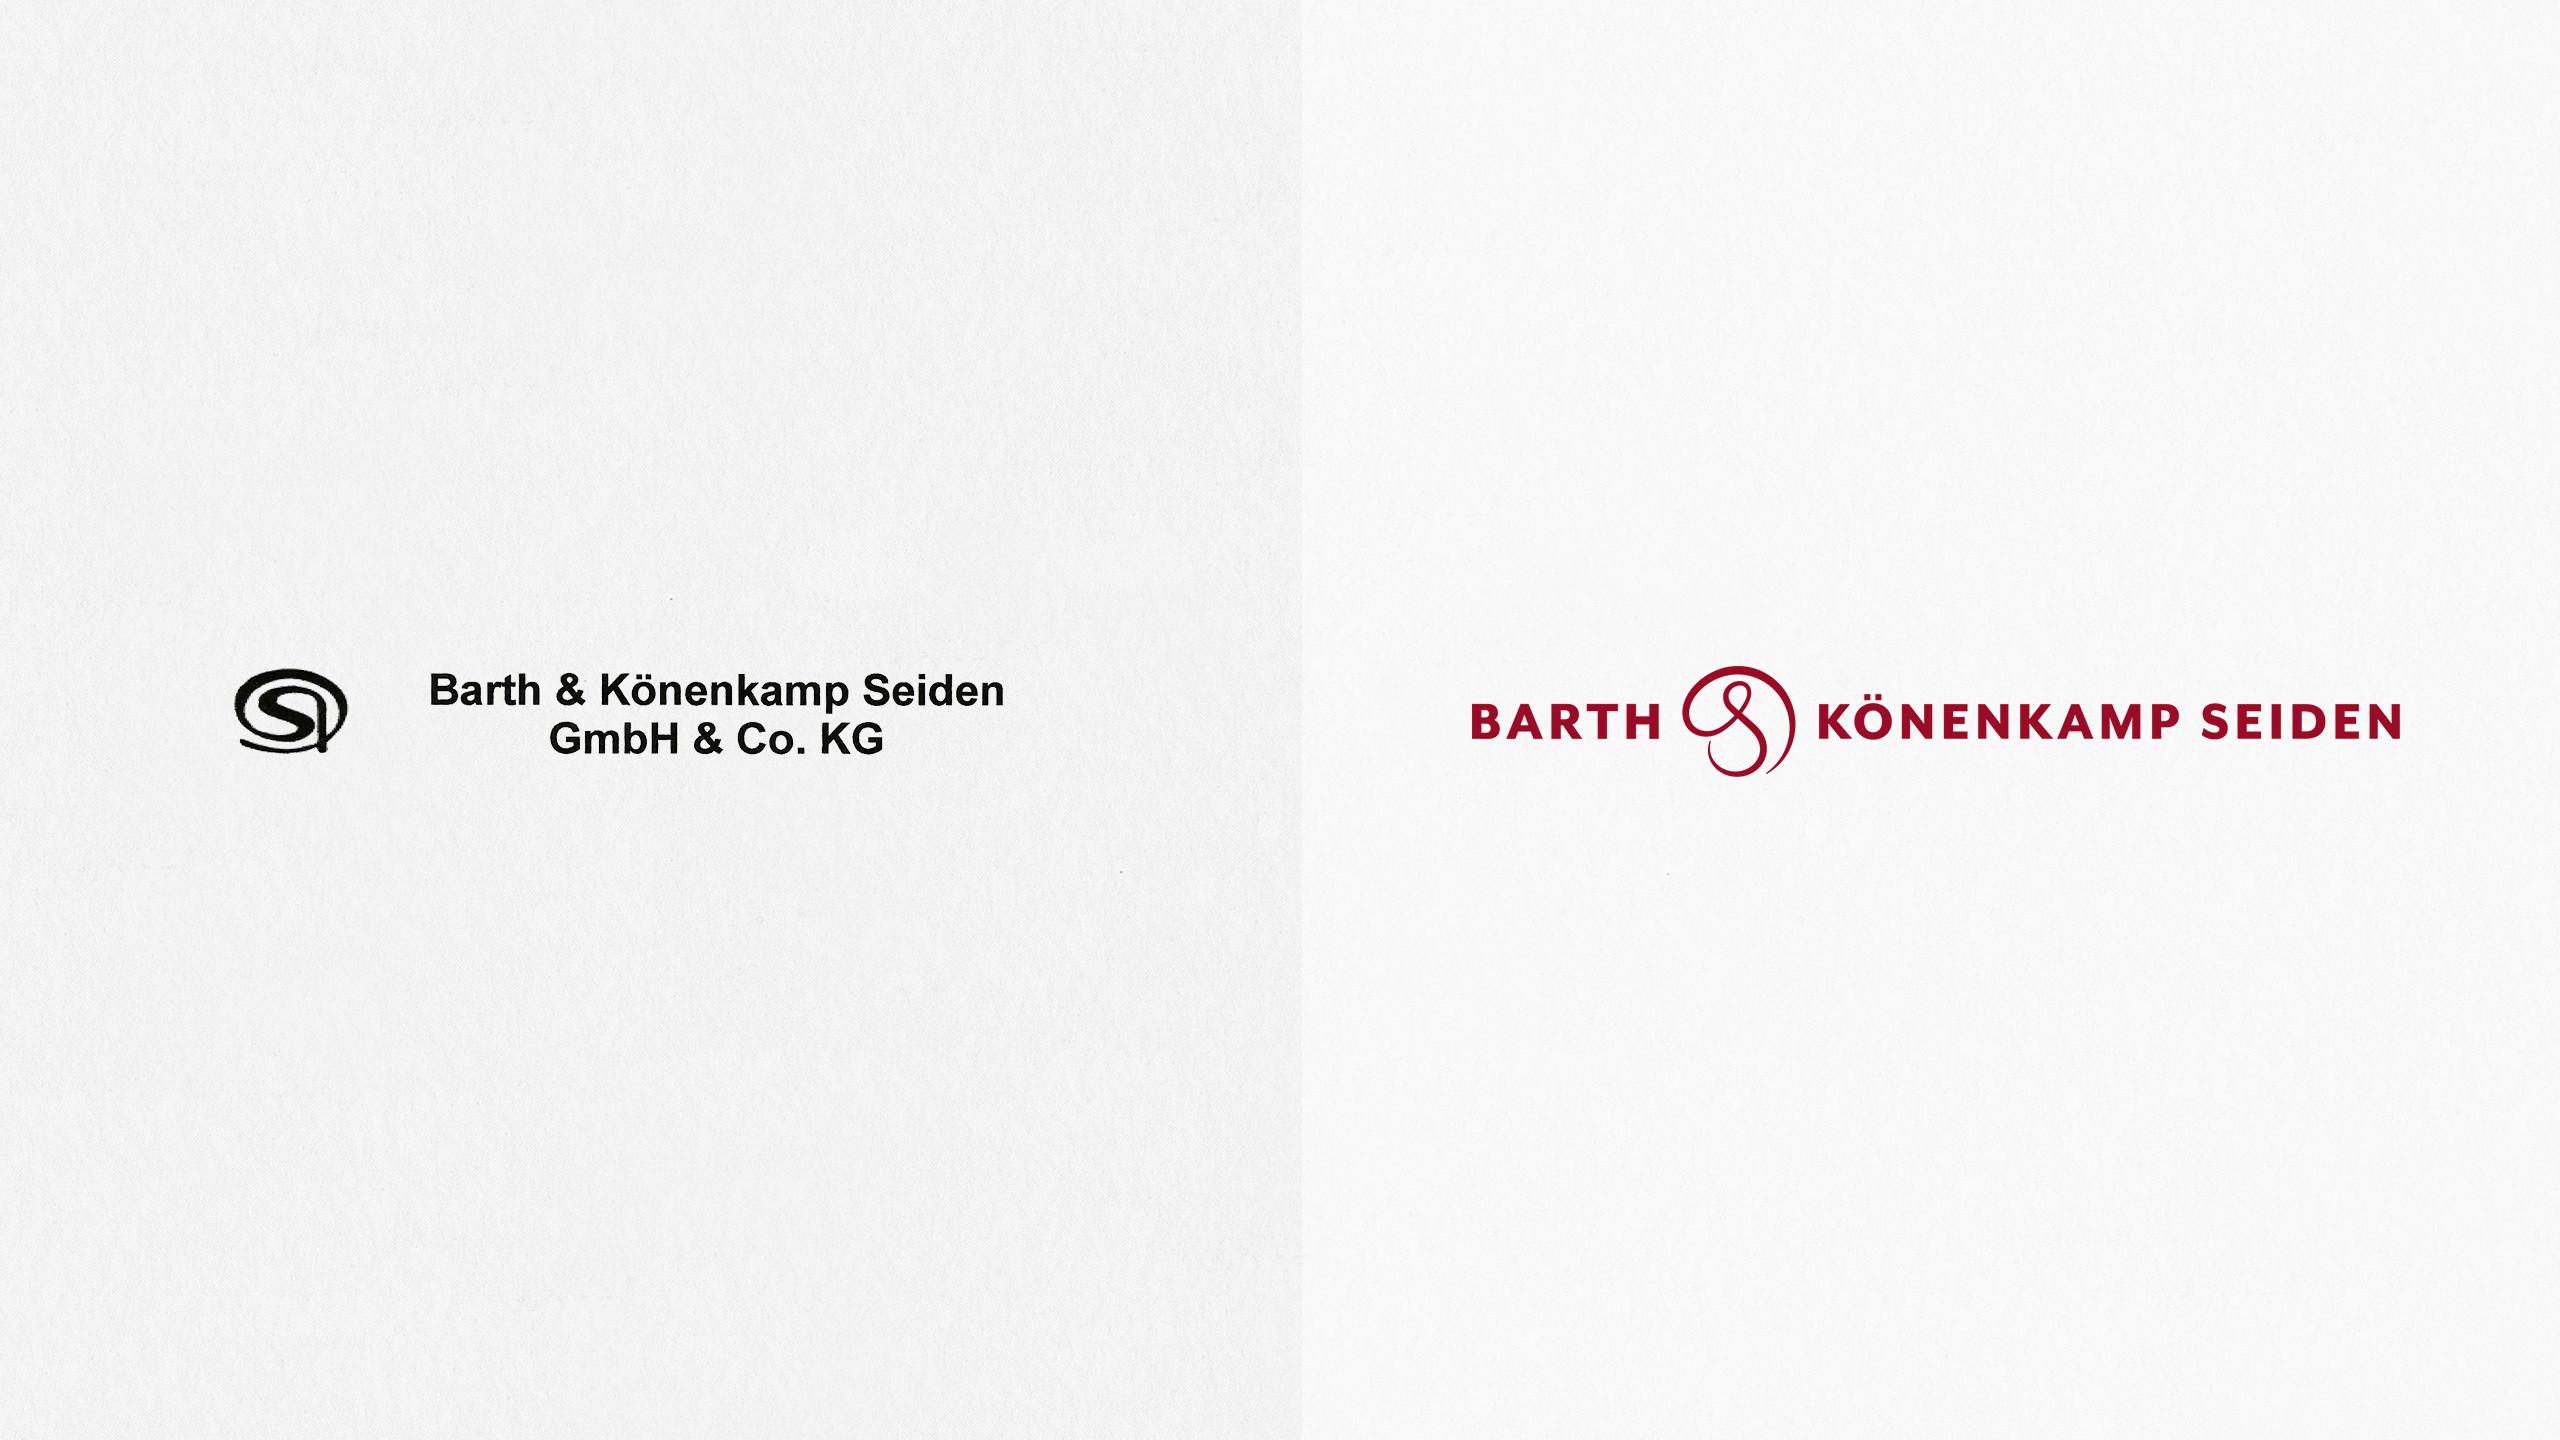 buk_logo_entwicklung